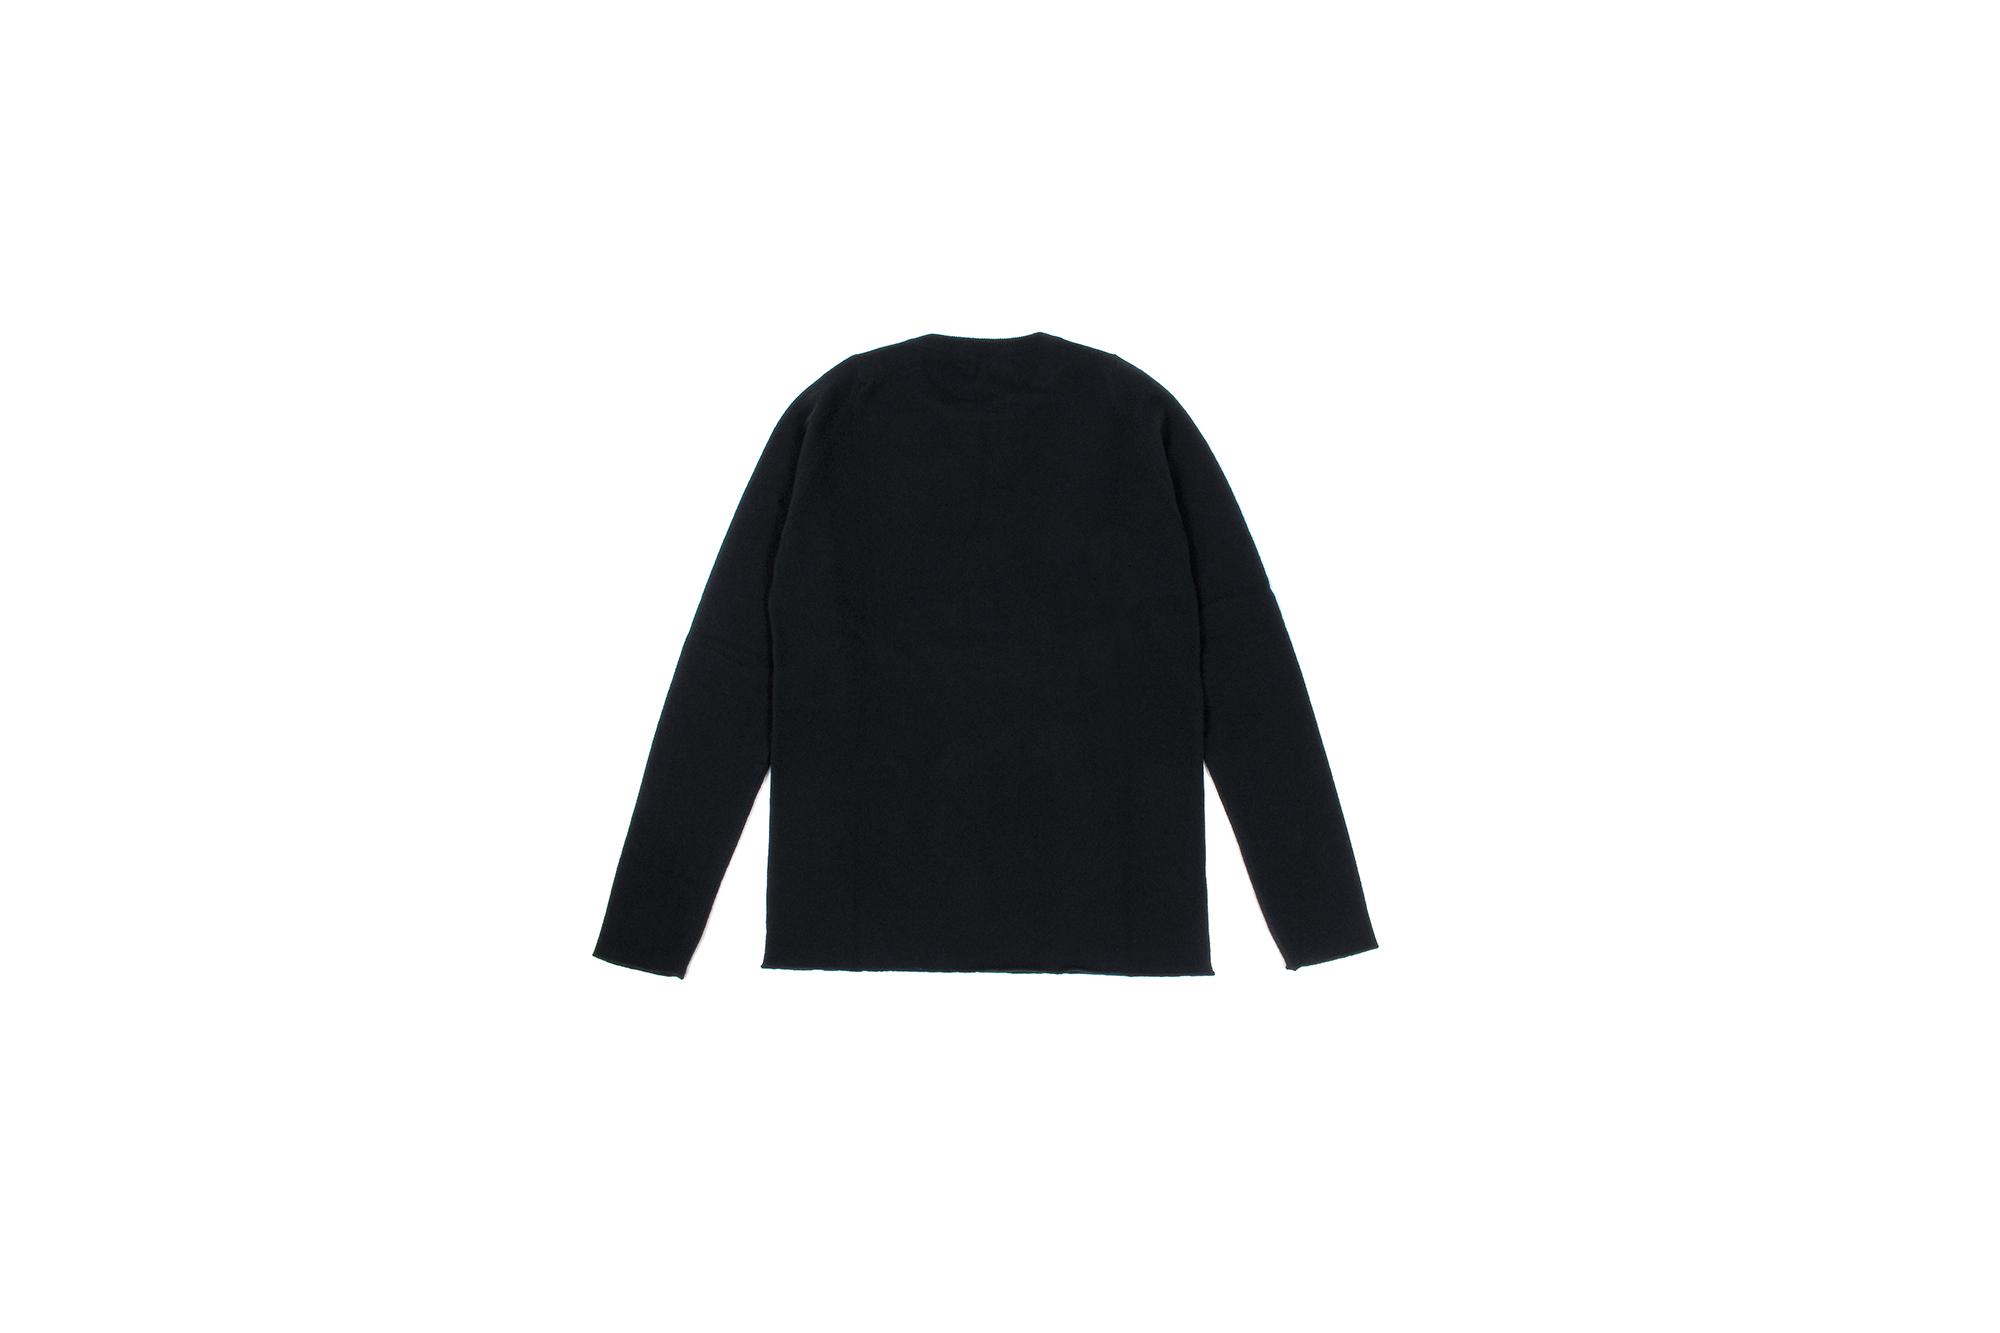 lucien pellat-finet (ルシアン ペラフィネ) Flower Skull Cashmere Sweater (フラワー バブルス スカル カシミア セーター) インターシャ カシミア スカル セーター BLACK(ブラック) made in scotland (スコットランド製) 2020 秋冬新作 【Special Model】Alto e Diritto altoediritto アルトエデリット 愛知 名古屋 カシミヤ カシミア